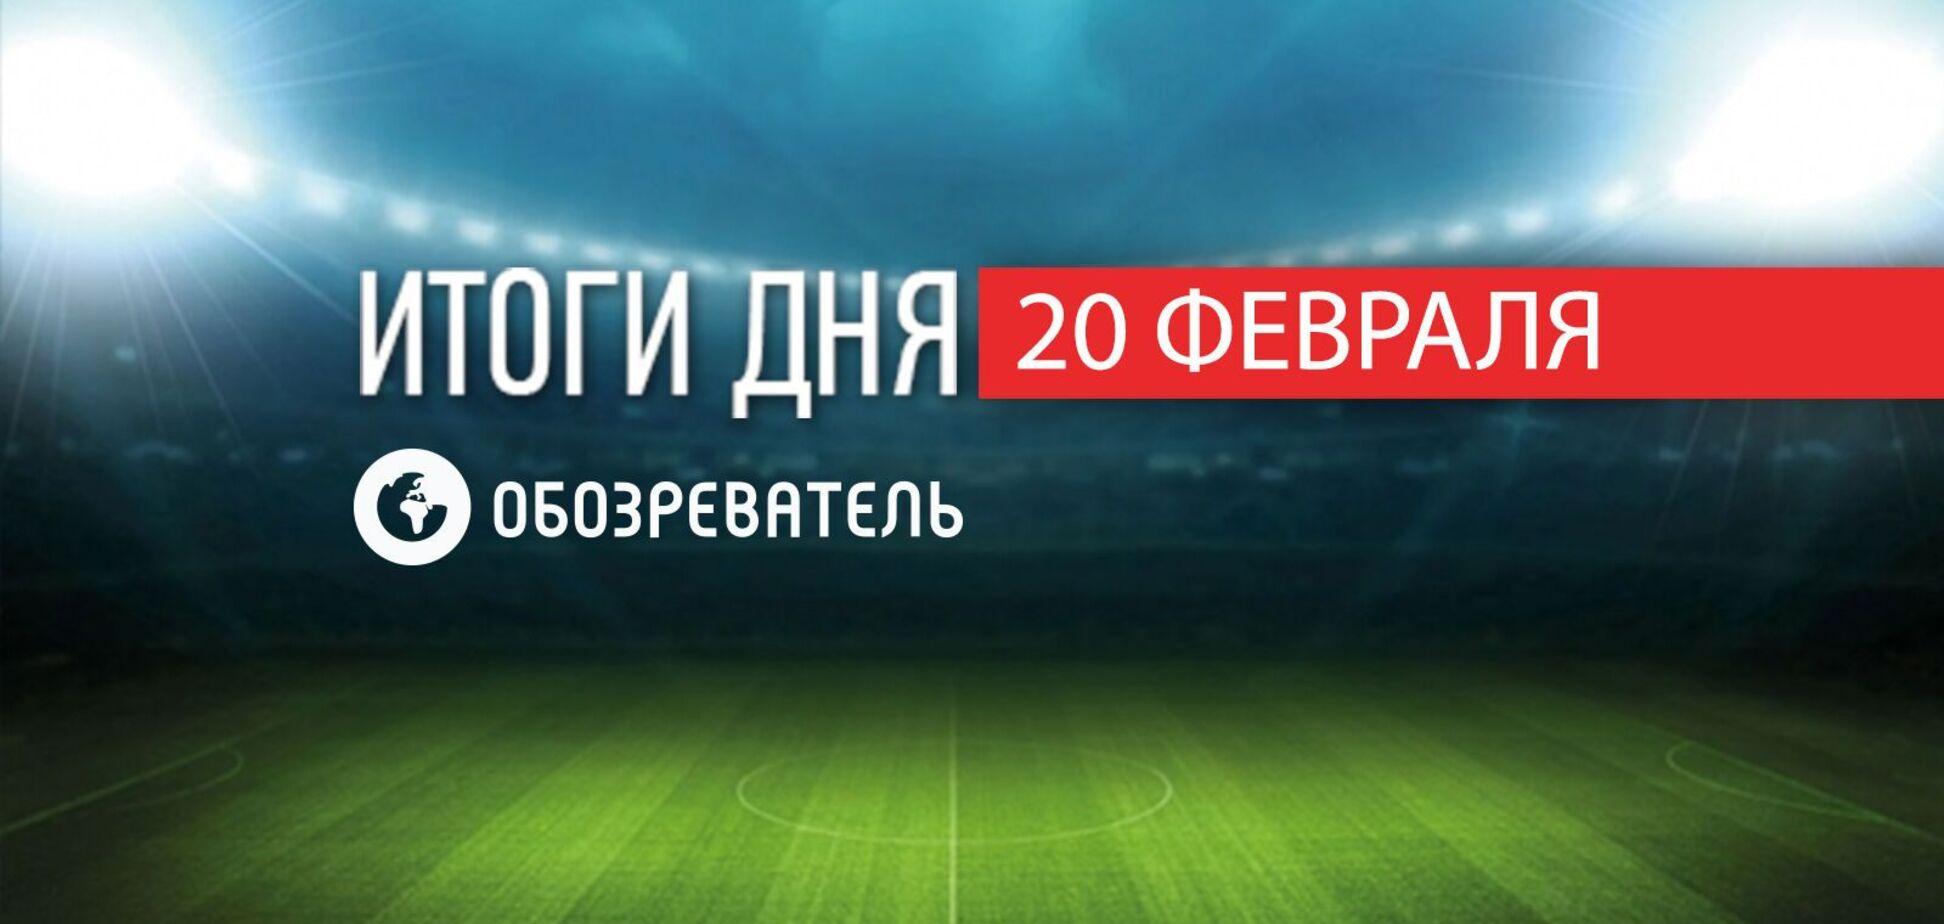 Усик высказал Селезневу за украинский язык: спортивные итоги 20 февраля